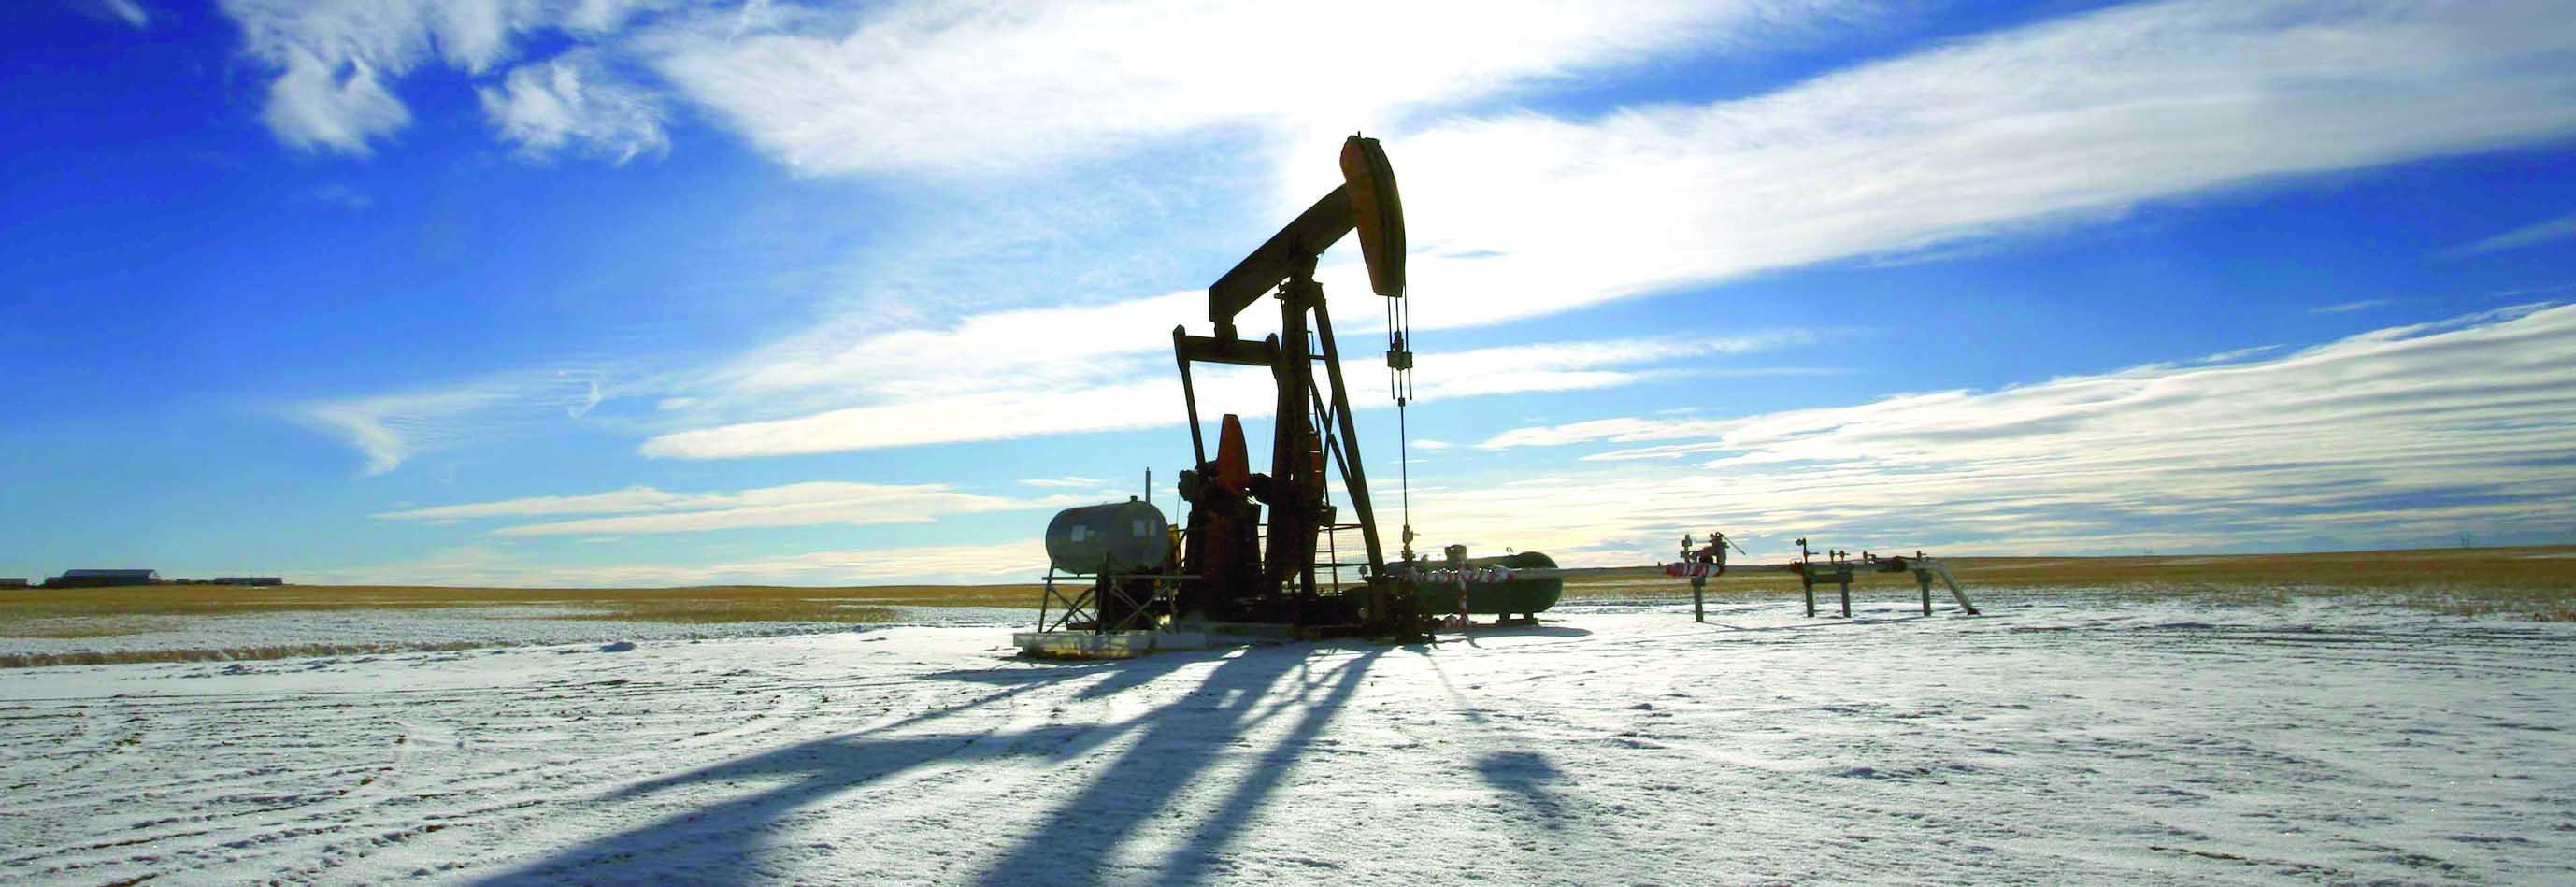 أسعار النفط تصل إلى أعلى مستوى لها خلال أشهر